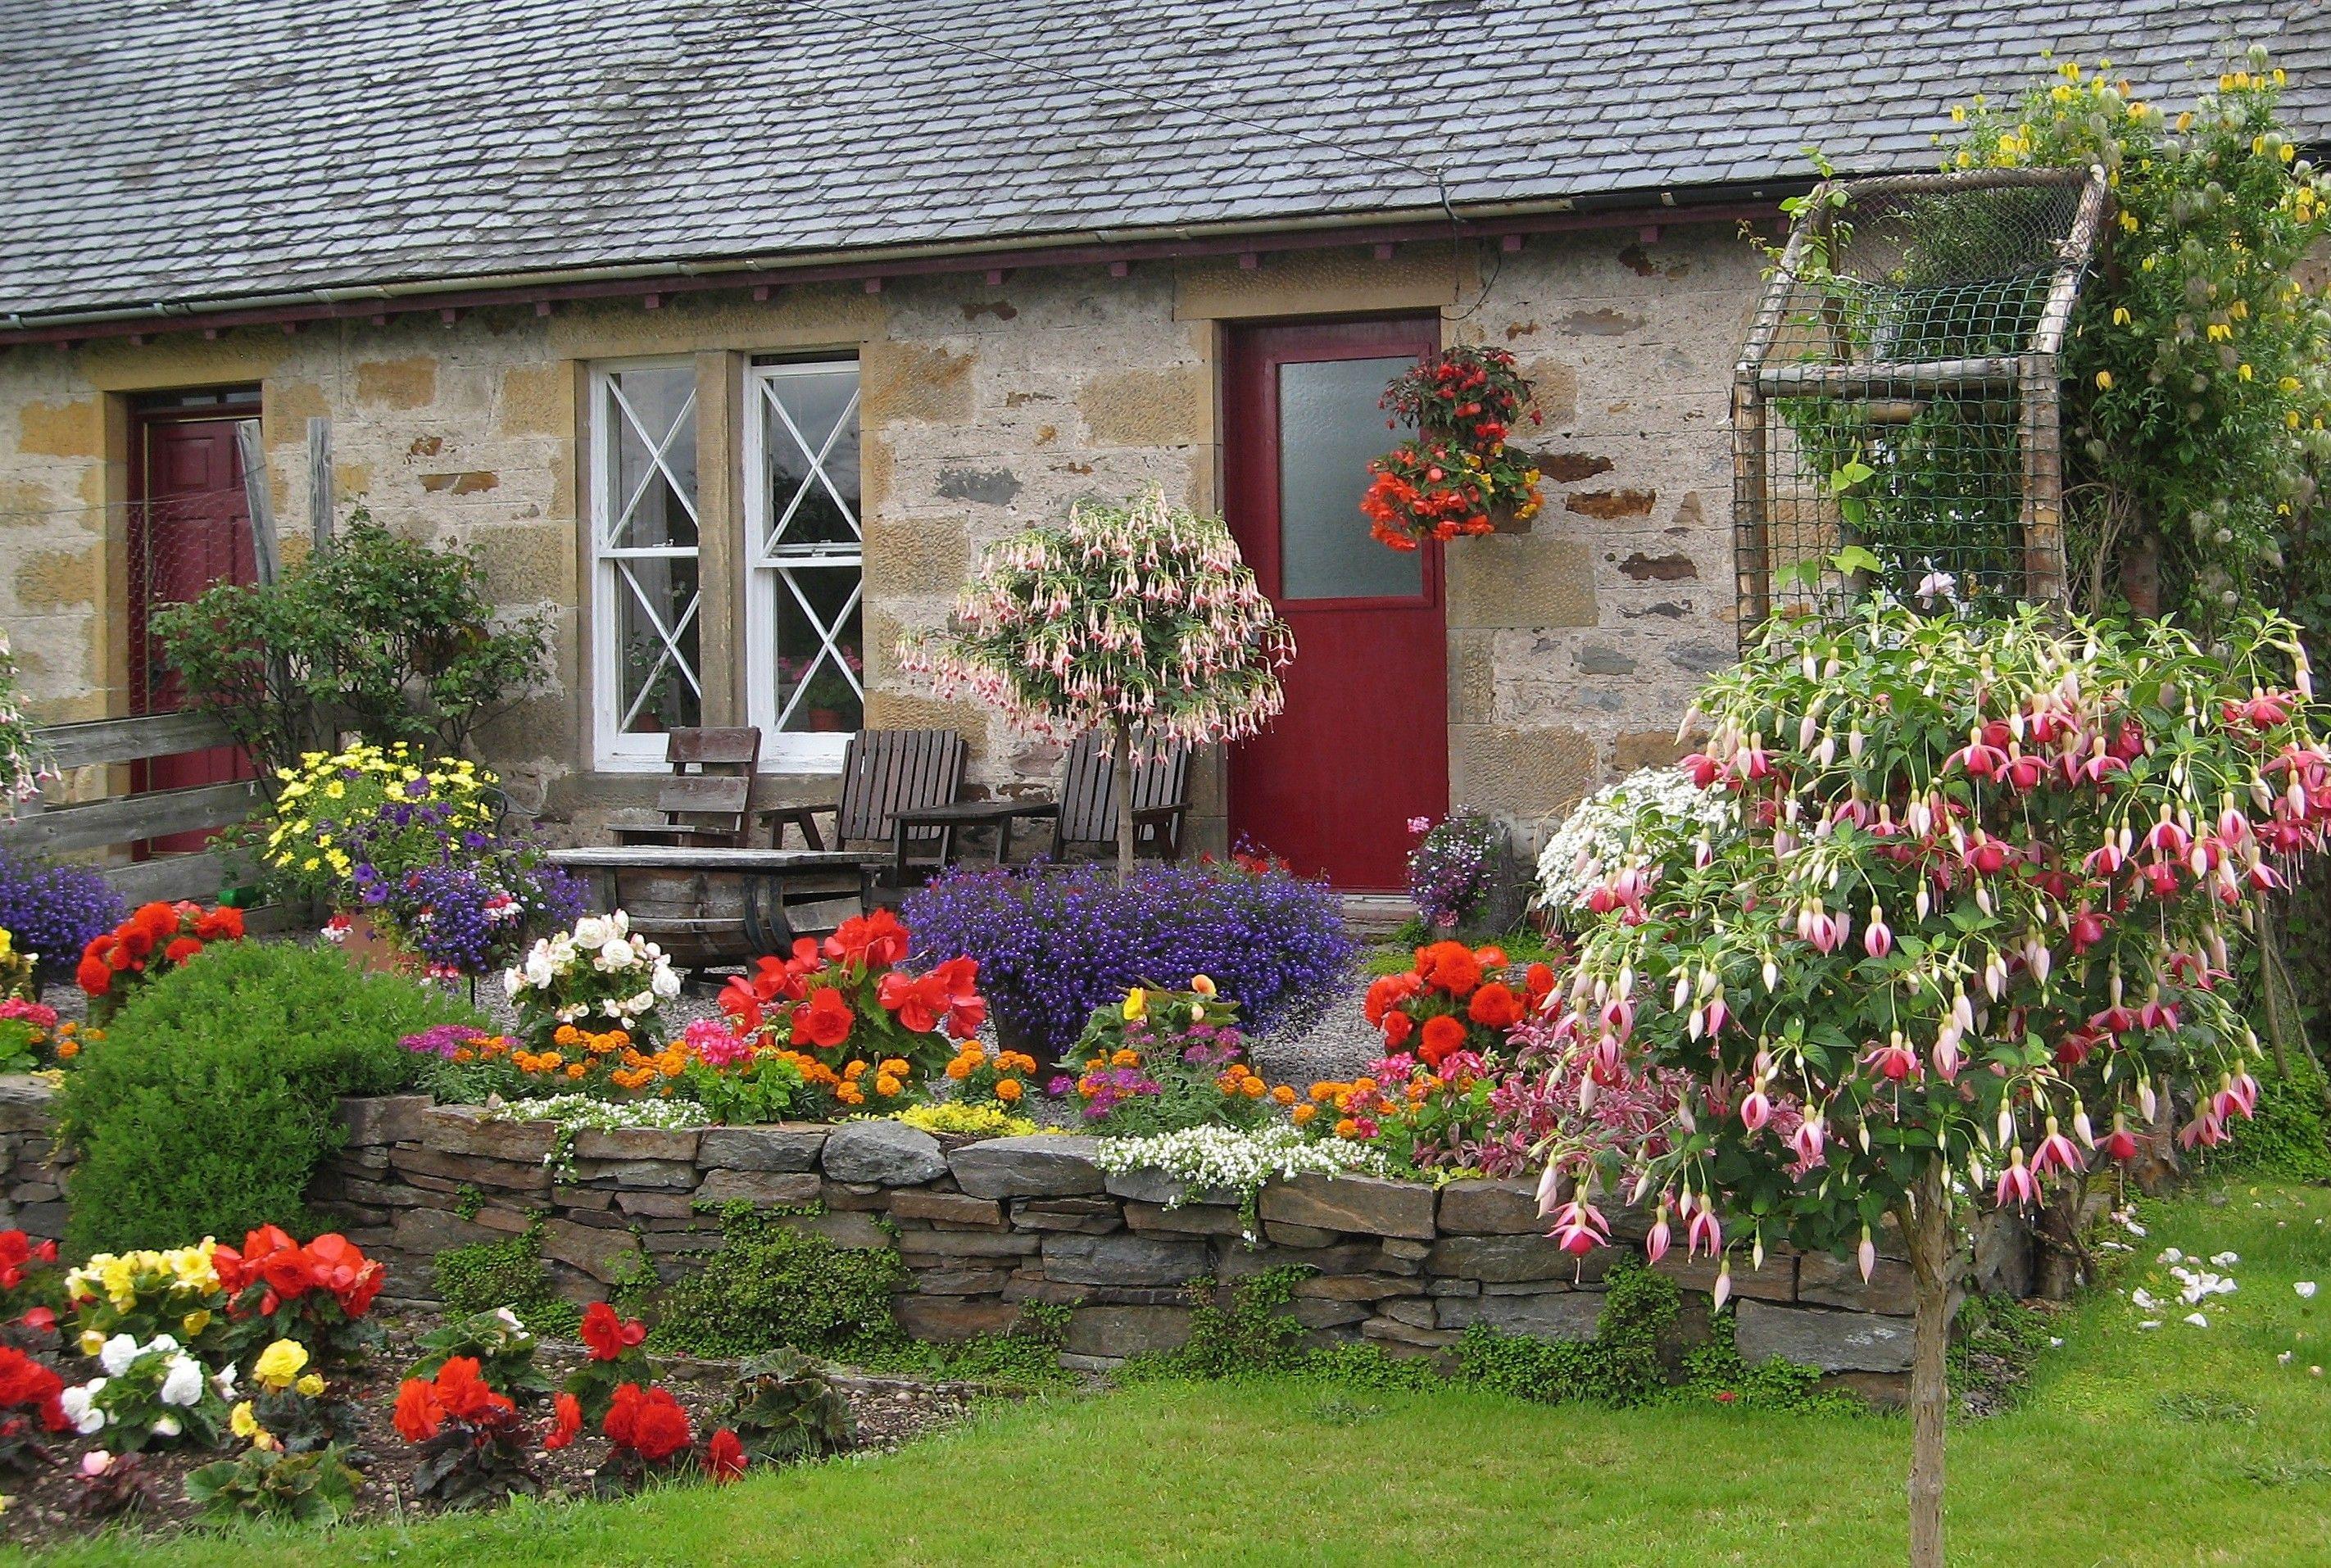 cottage garden eine der beliebtesten gartenformen garten garten kr utergarten und. Black Bedroom Furniture Sets. Home Design Ideas